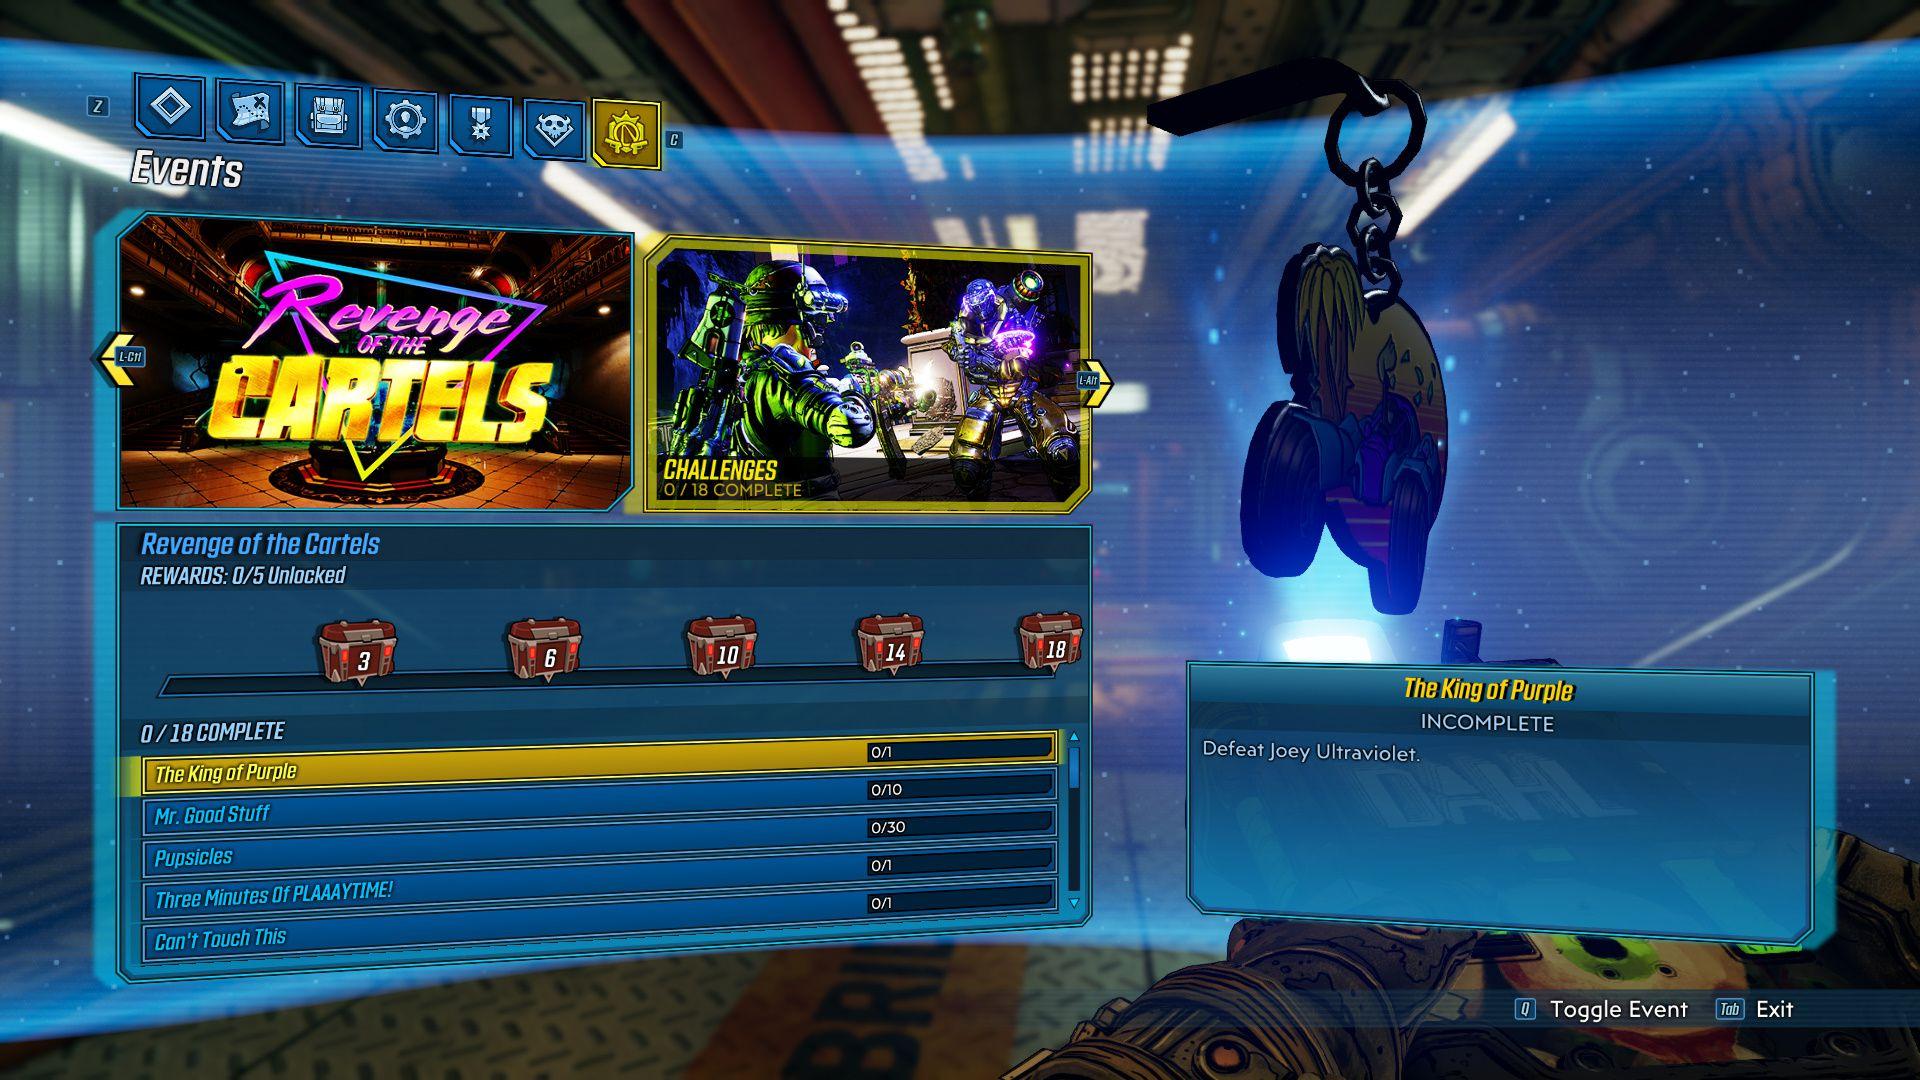 Image showing all 18 Revenge of the Cartels challenges in Borderlands 3.